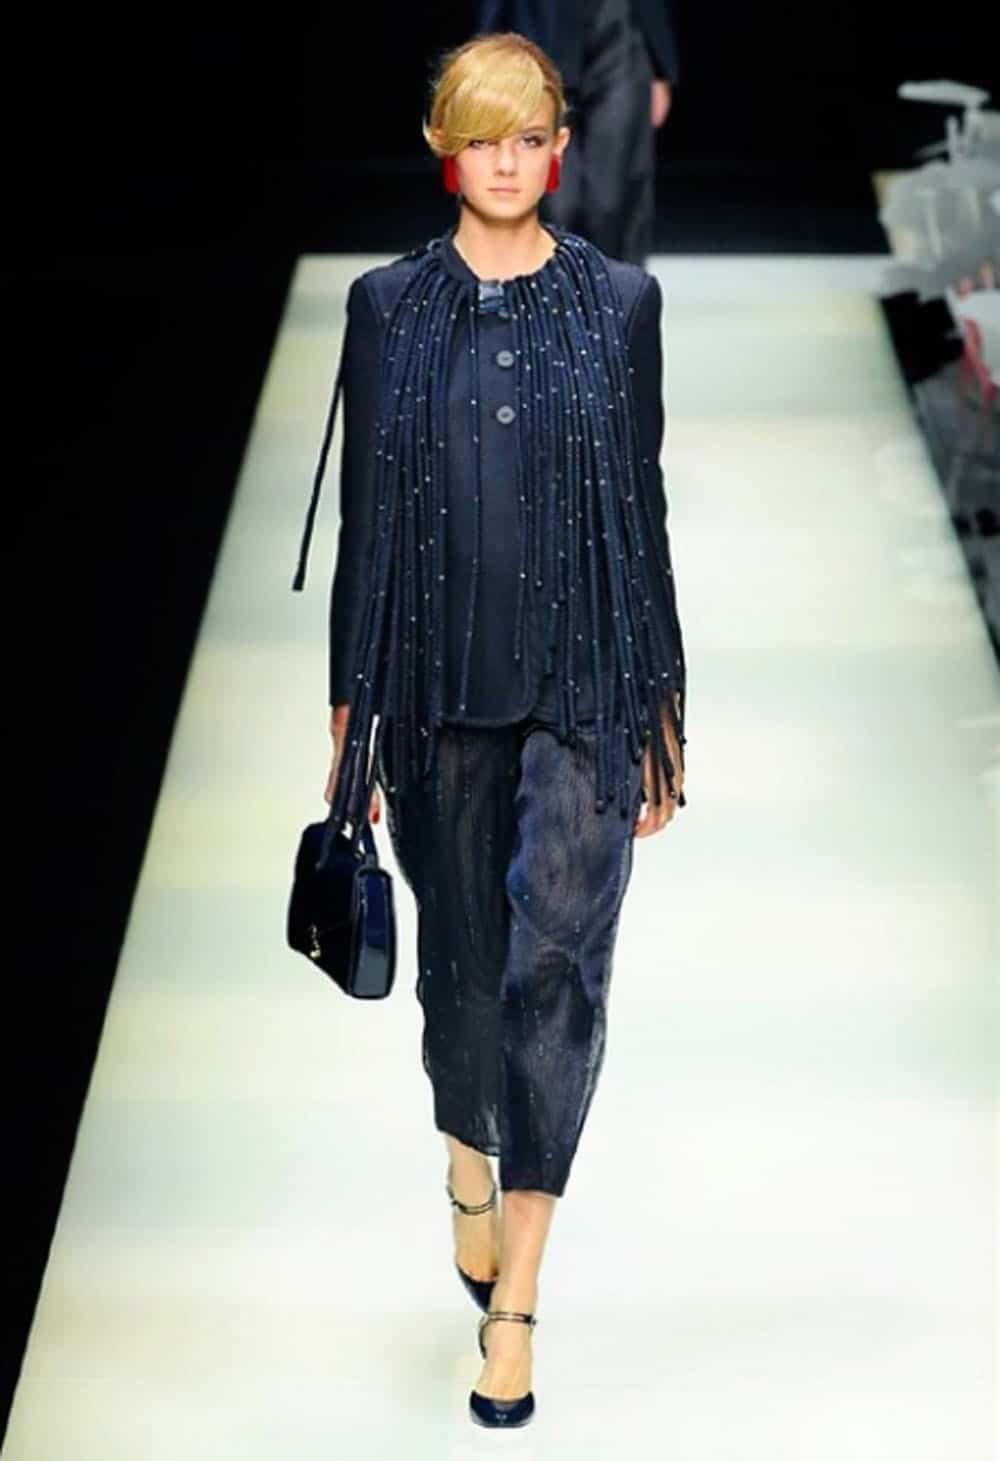 Glamour Affair - Fashion Week 07